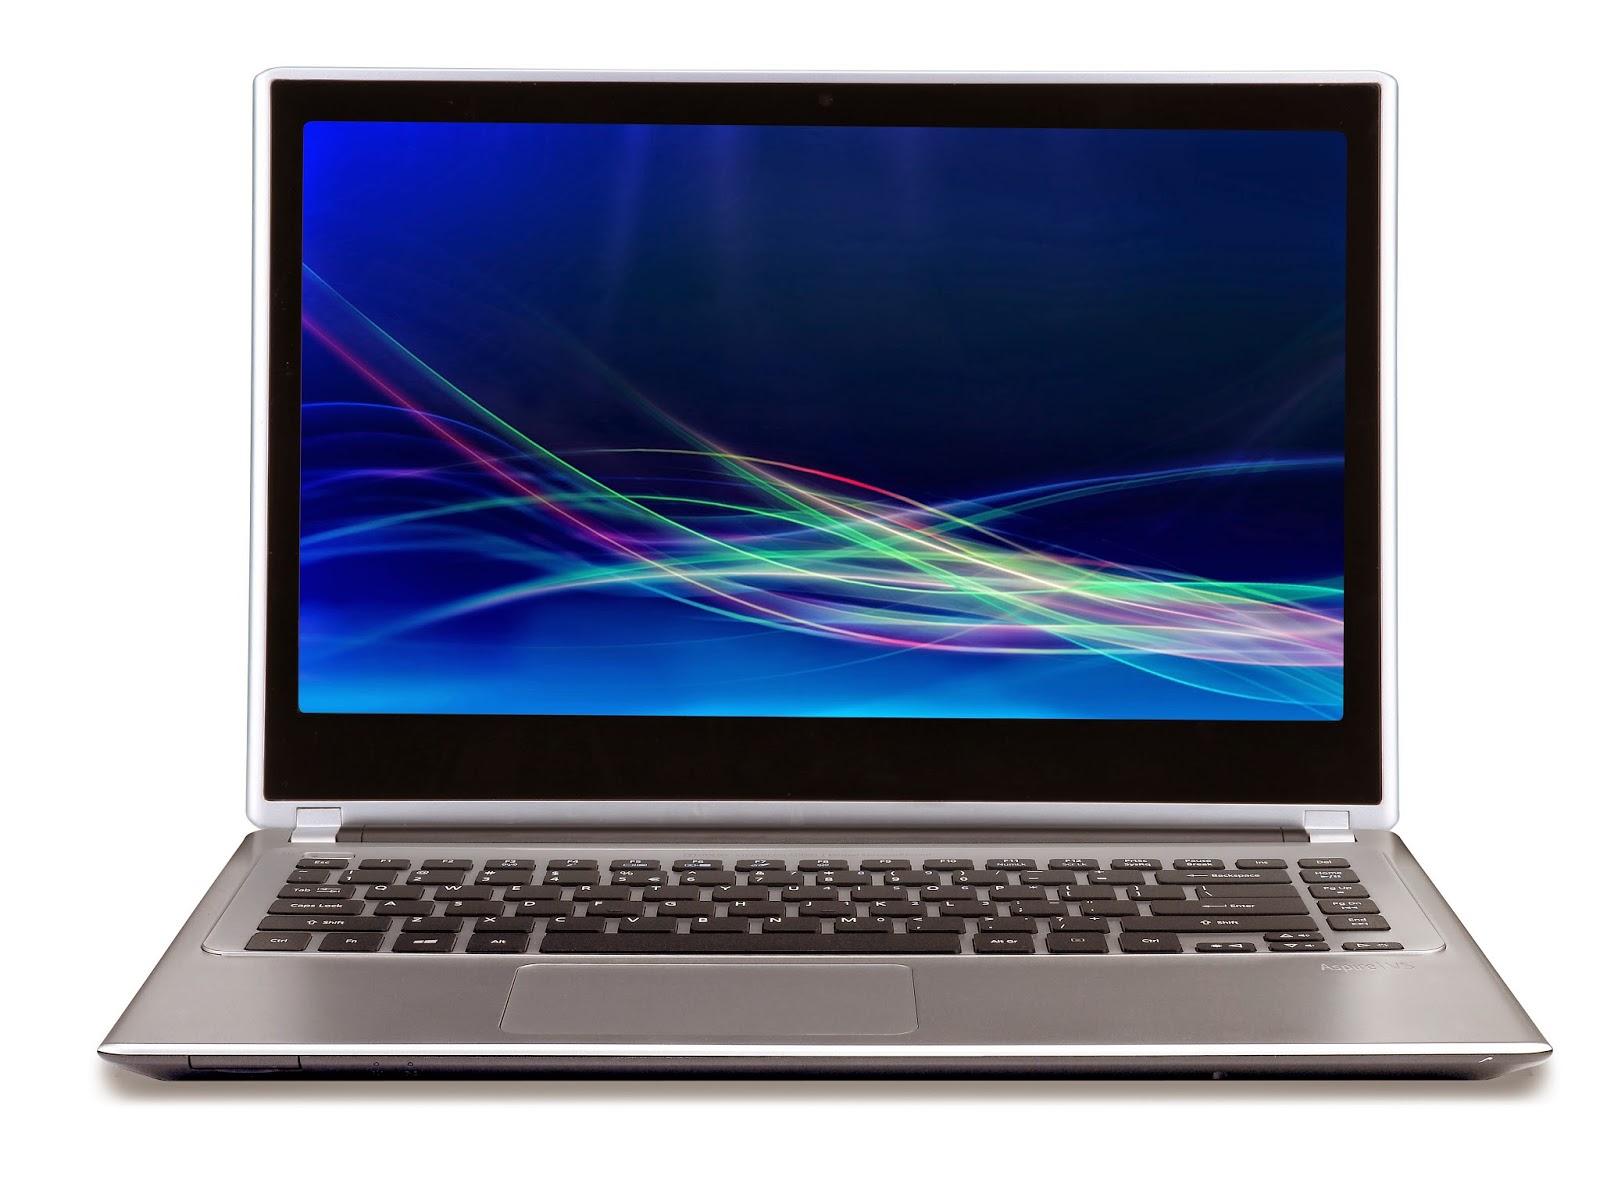 penyebab laptop cepat panas, laptop tiba-tiba mati, laptop panas mati